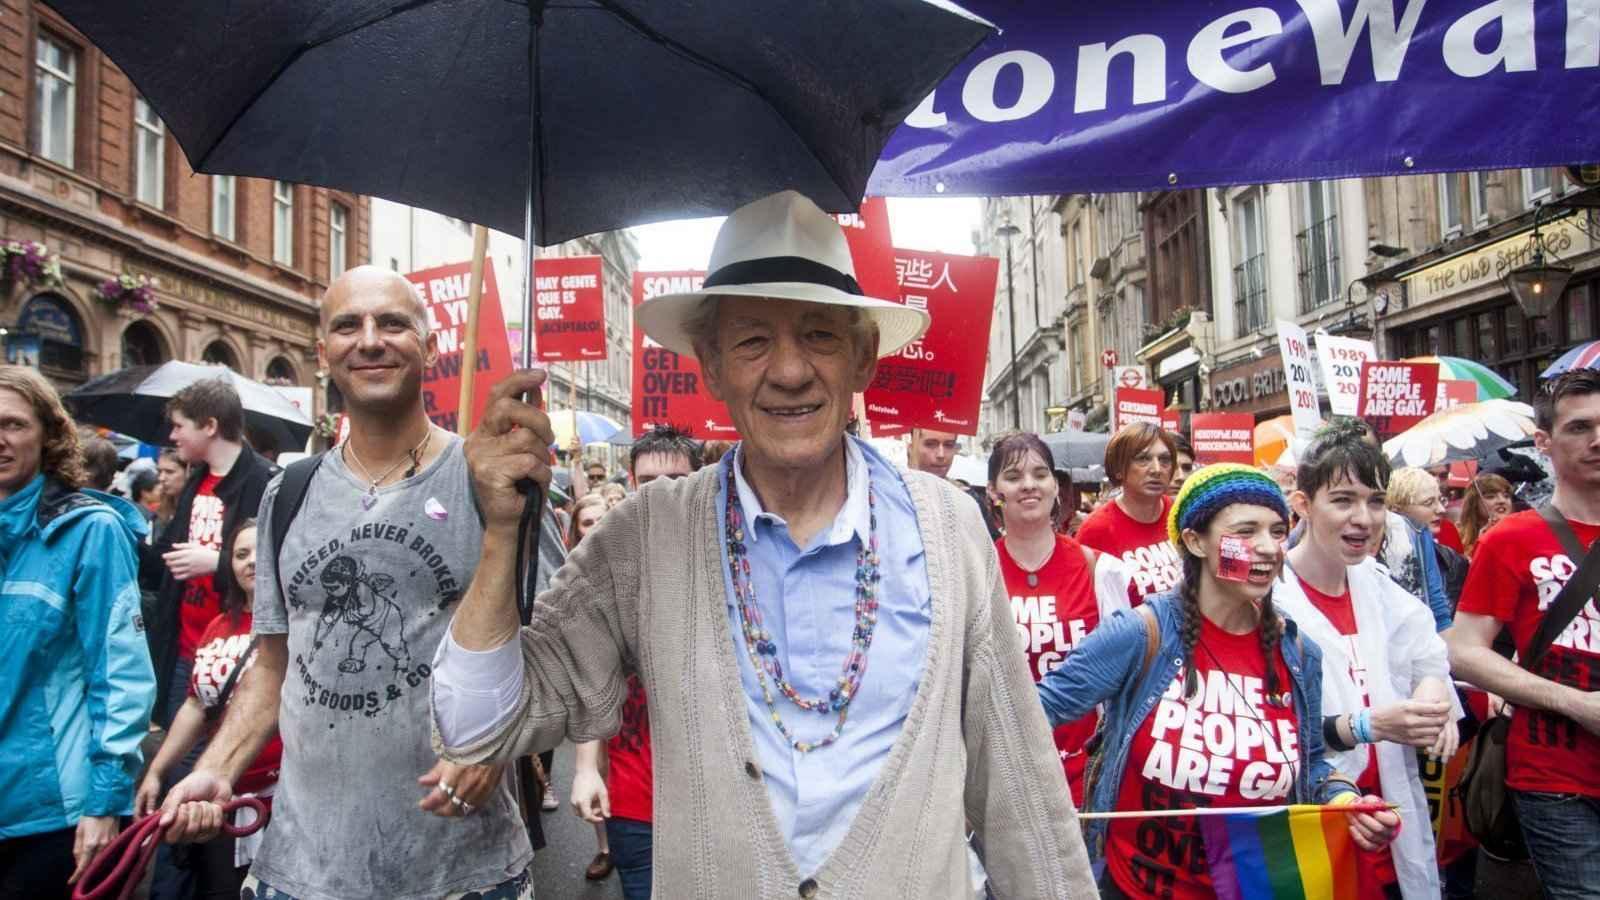 Sir Ian McKellen é um famoso ator gay conhecido tanto por seu ativismo LGBTQ quanto por seu talentoso trabalho de ator